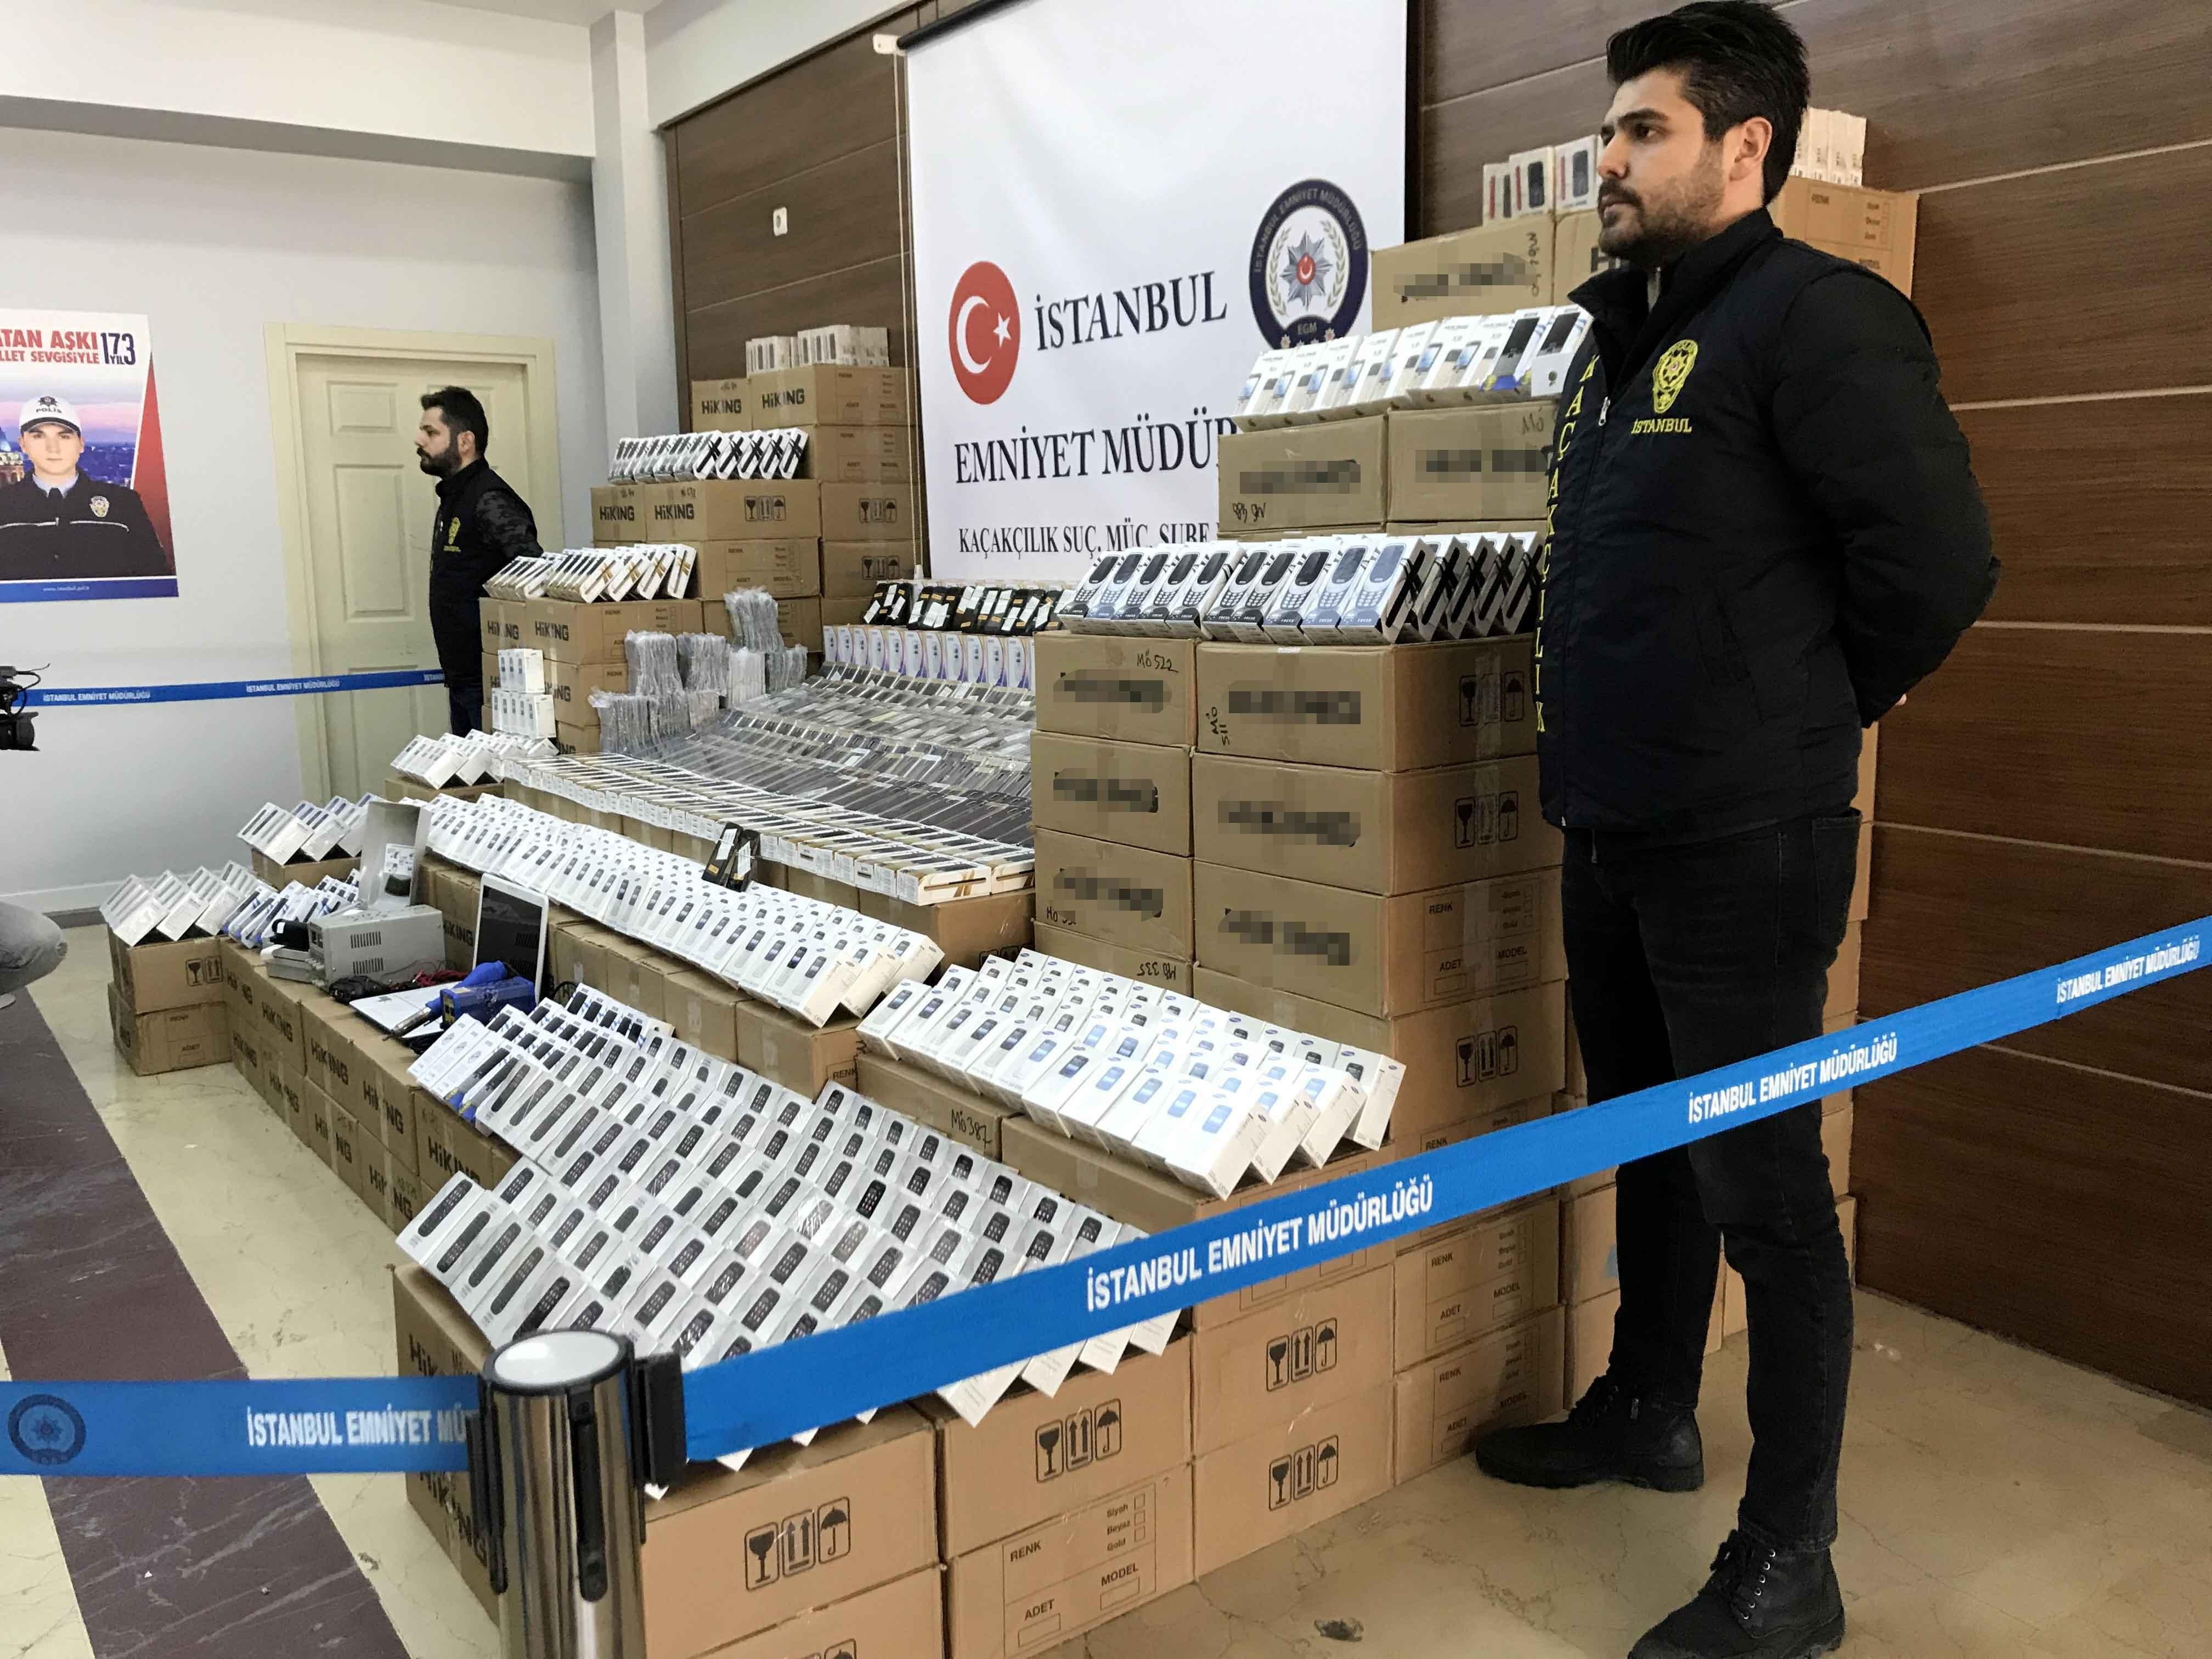 İstanbul'da 47 Bine Yakın Kaçak Cep Telefonu Ele Geçirildi